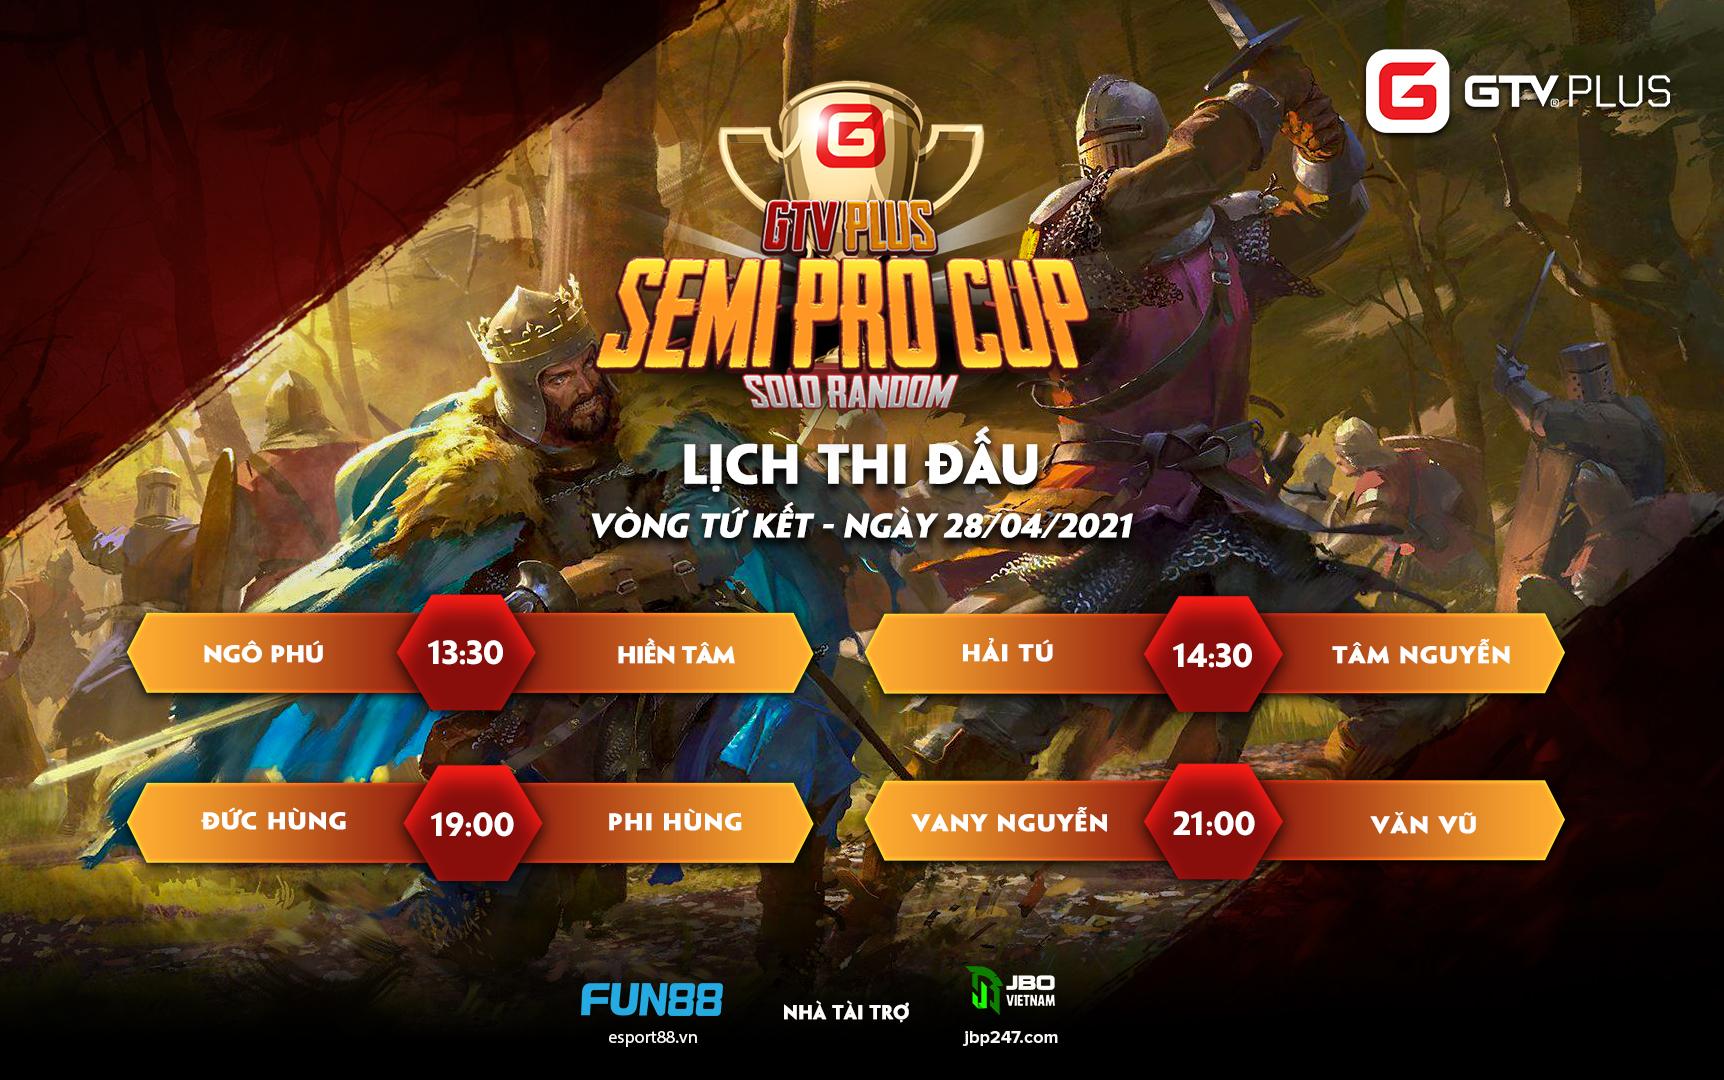 Lịch thi đấu ngày thi đấu ngày 28 tháng 4 Giải đấu GTV Semi Pro Cup 2021